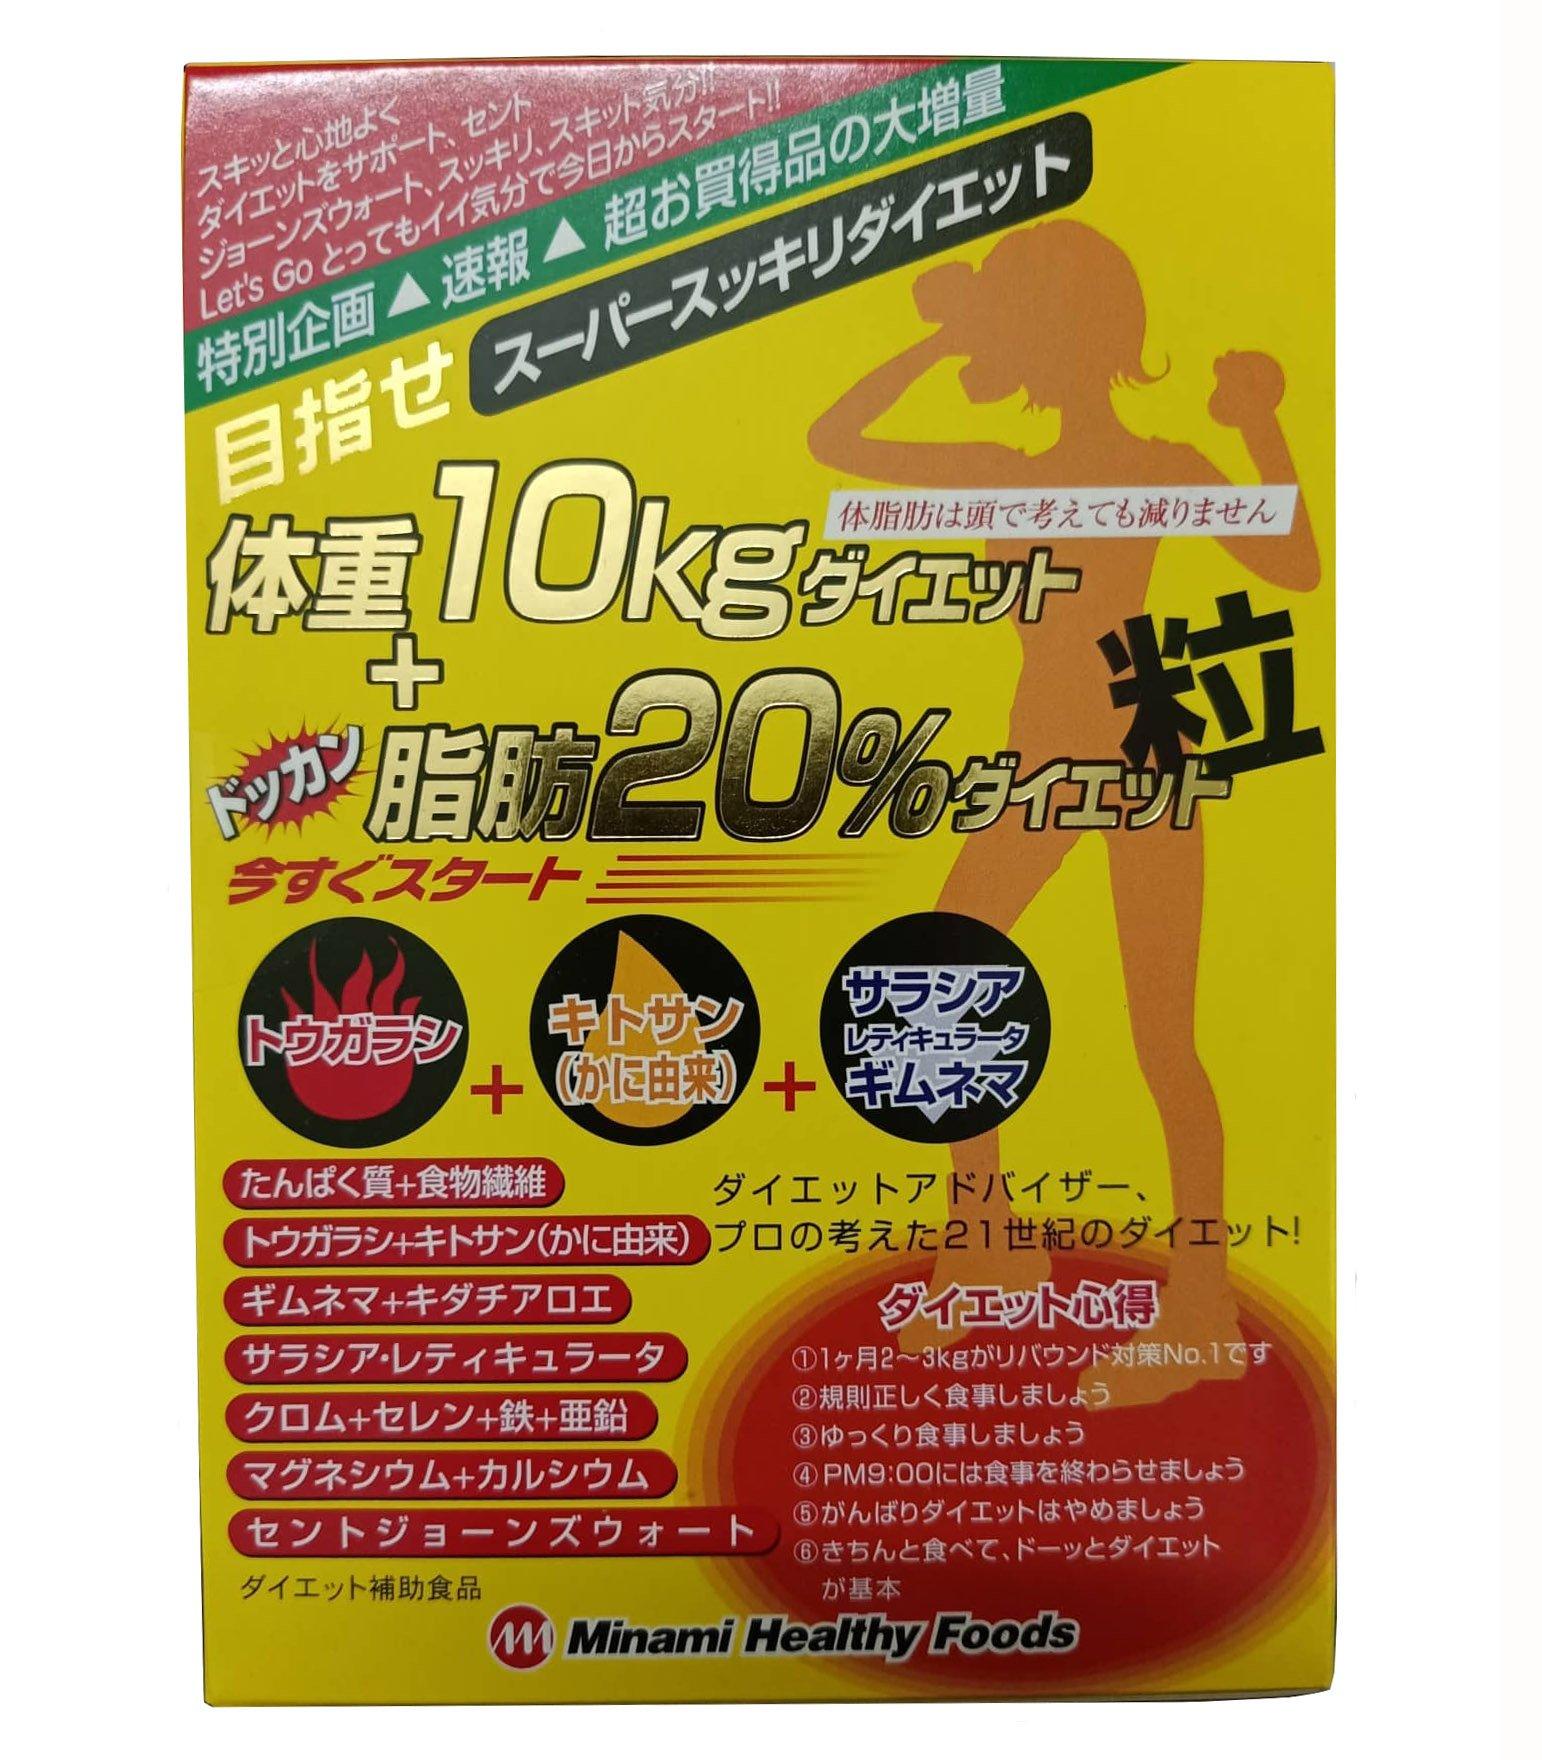 Viên hỗ trợ giảm cân 10kg Minami Healthy Foods mẫu mới